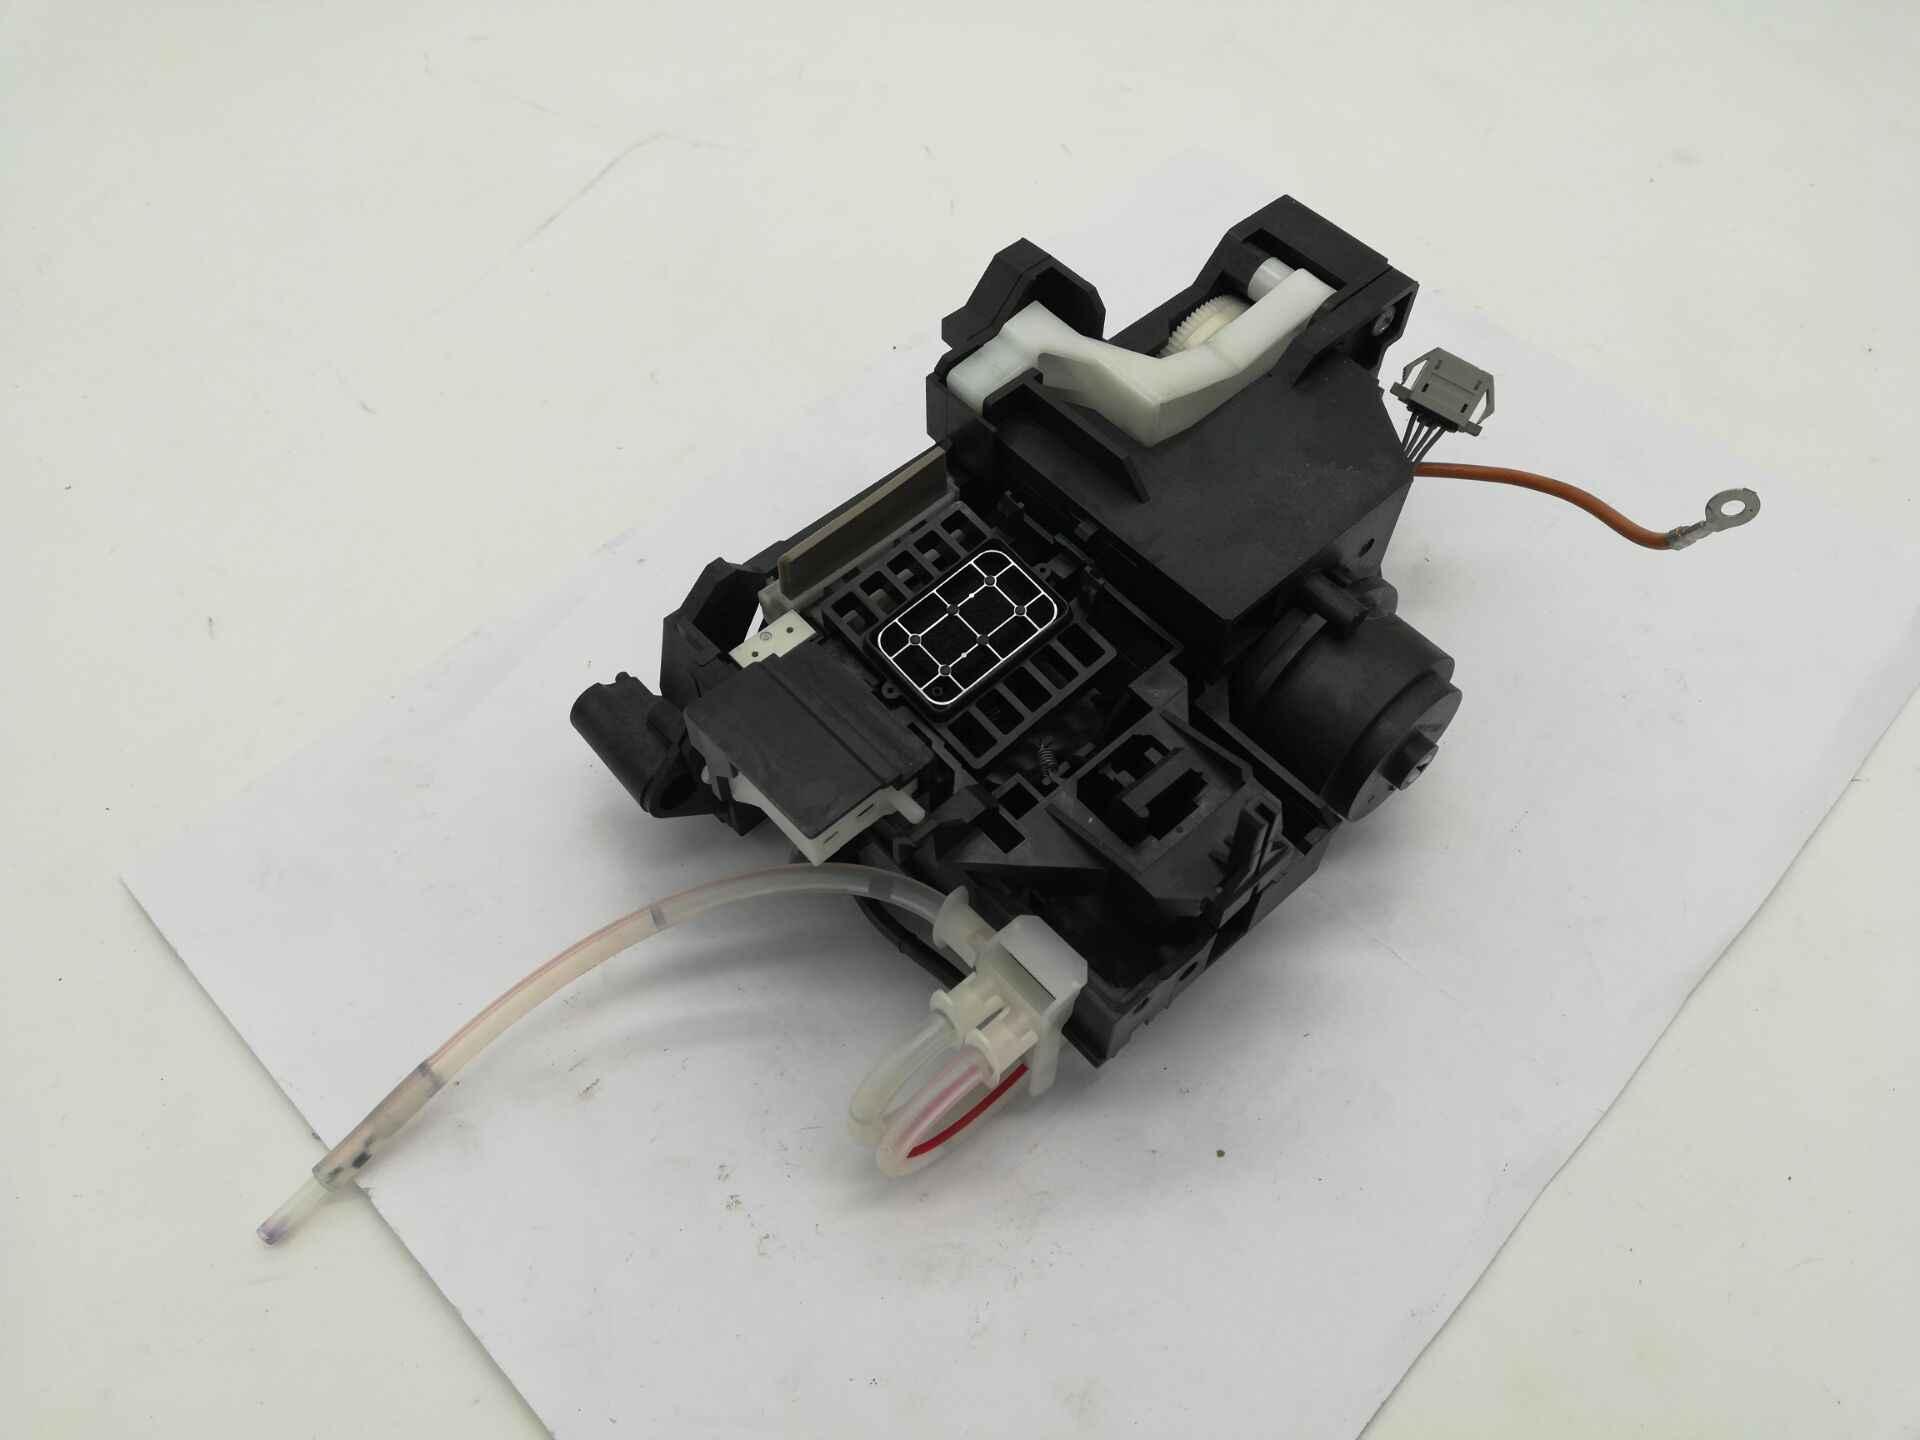 Estación de tapa de ensamblaje de bomba de tinta Original para Epson R1390 R1400 R1410 R1420 R1500 L1800 unidad de limpieza Assy 1555374-04